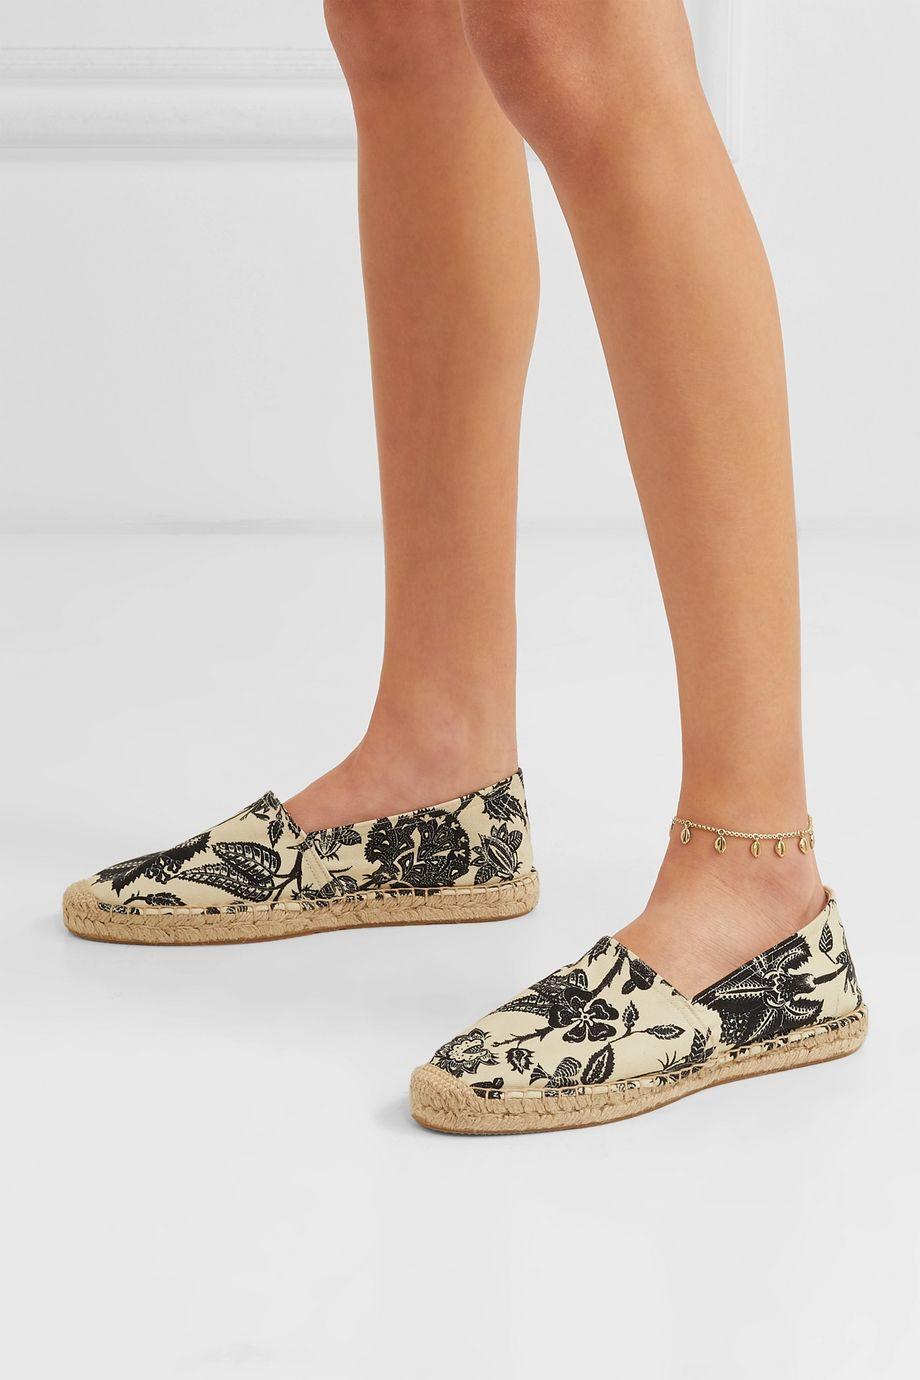 Isabel Marant Gold-tone anklet